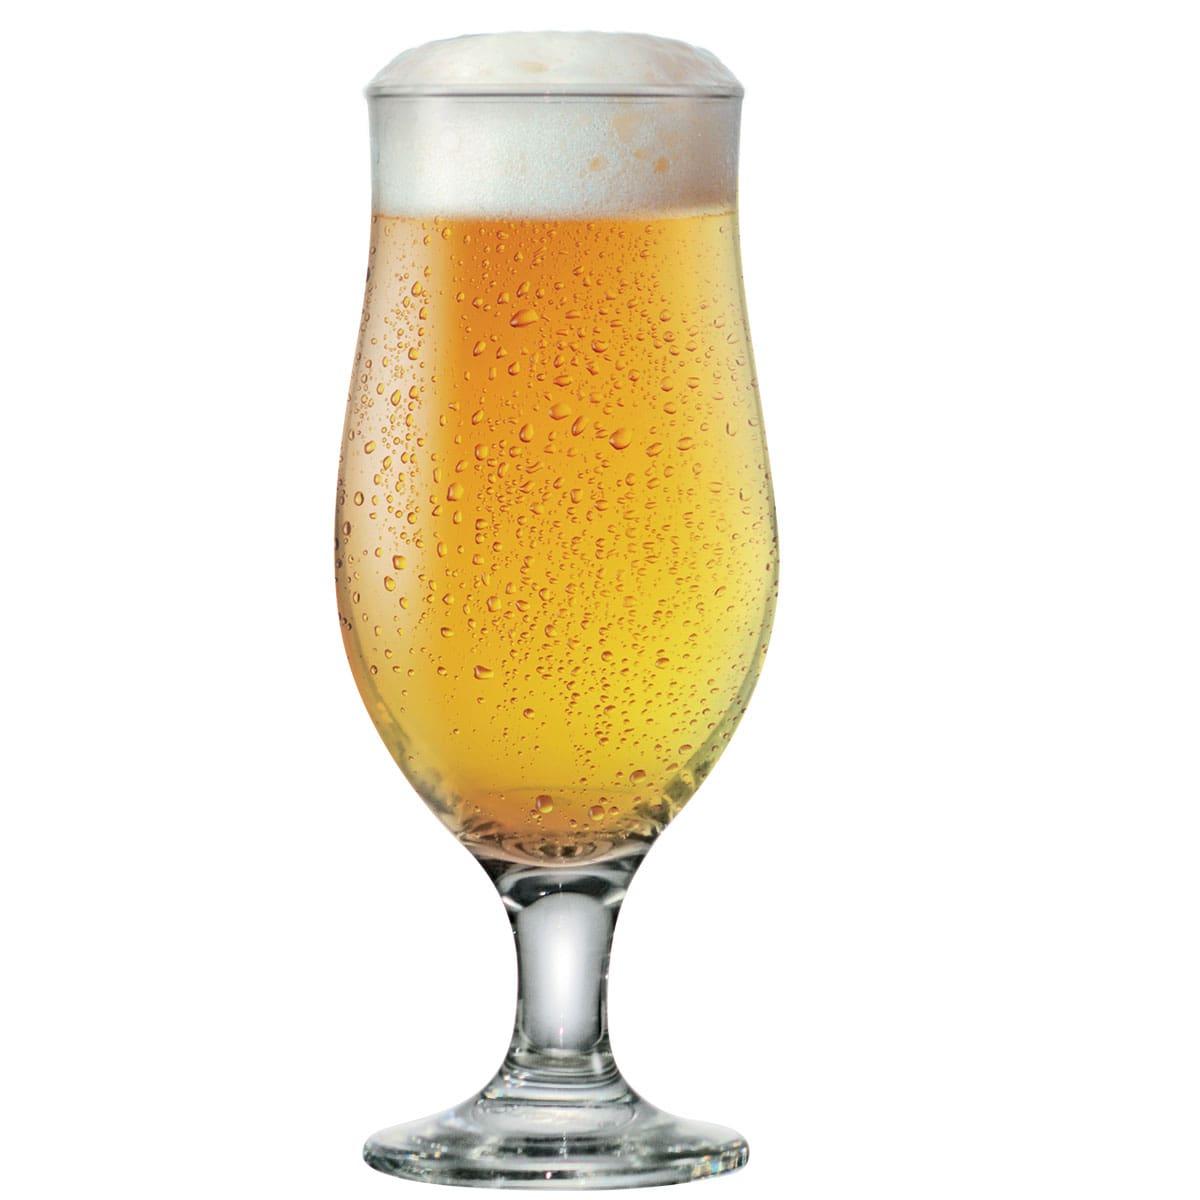 Taça de Vidro Royal Beer 330ml (Caixa com 24 unidades)